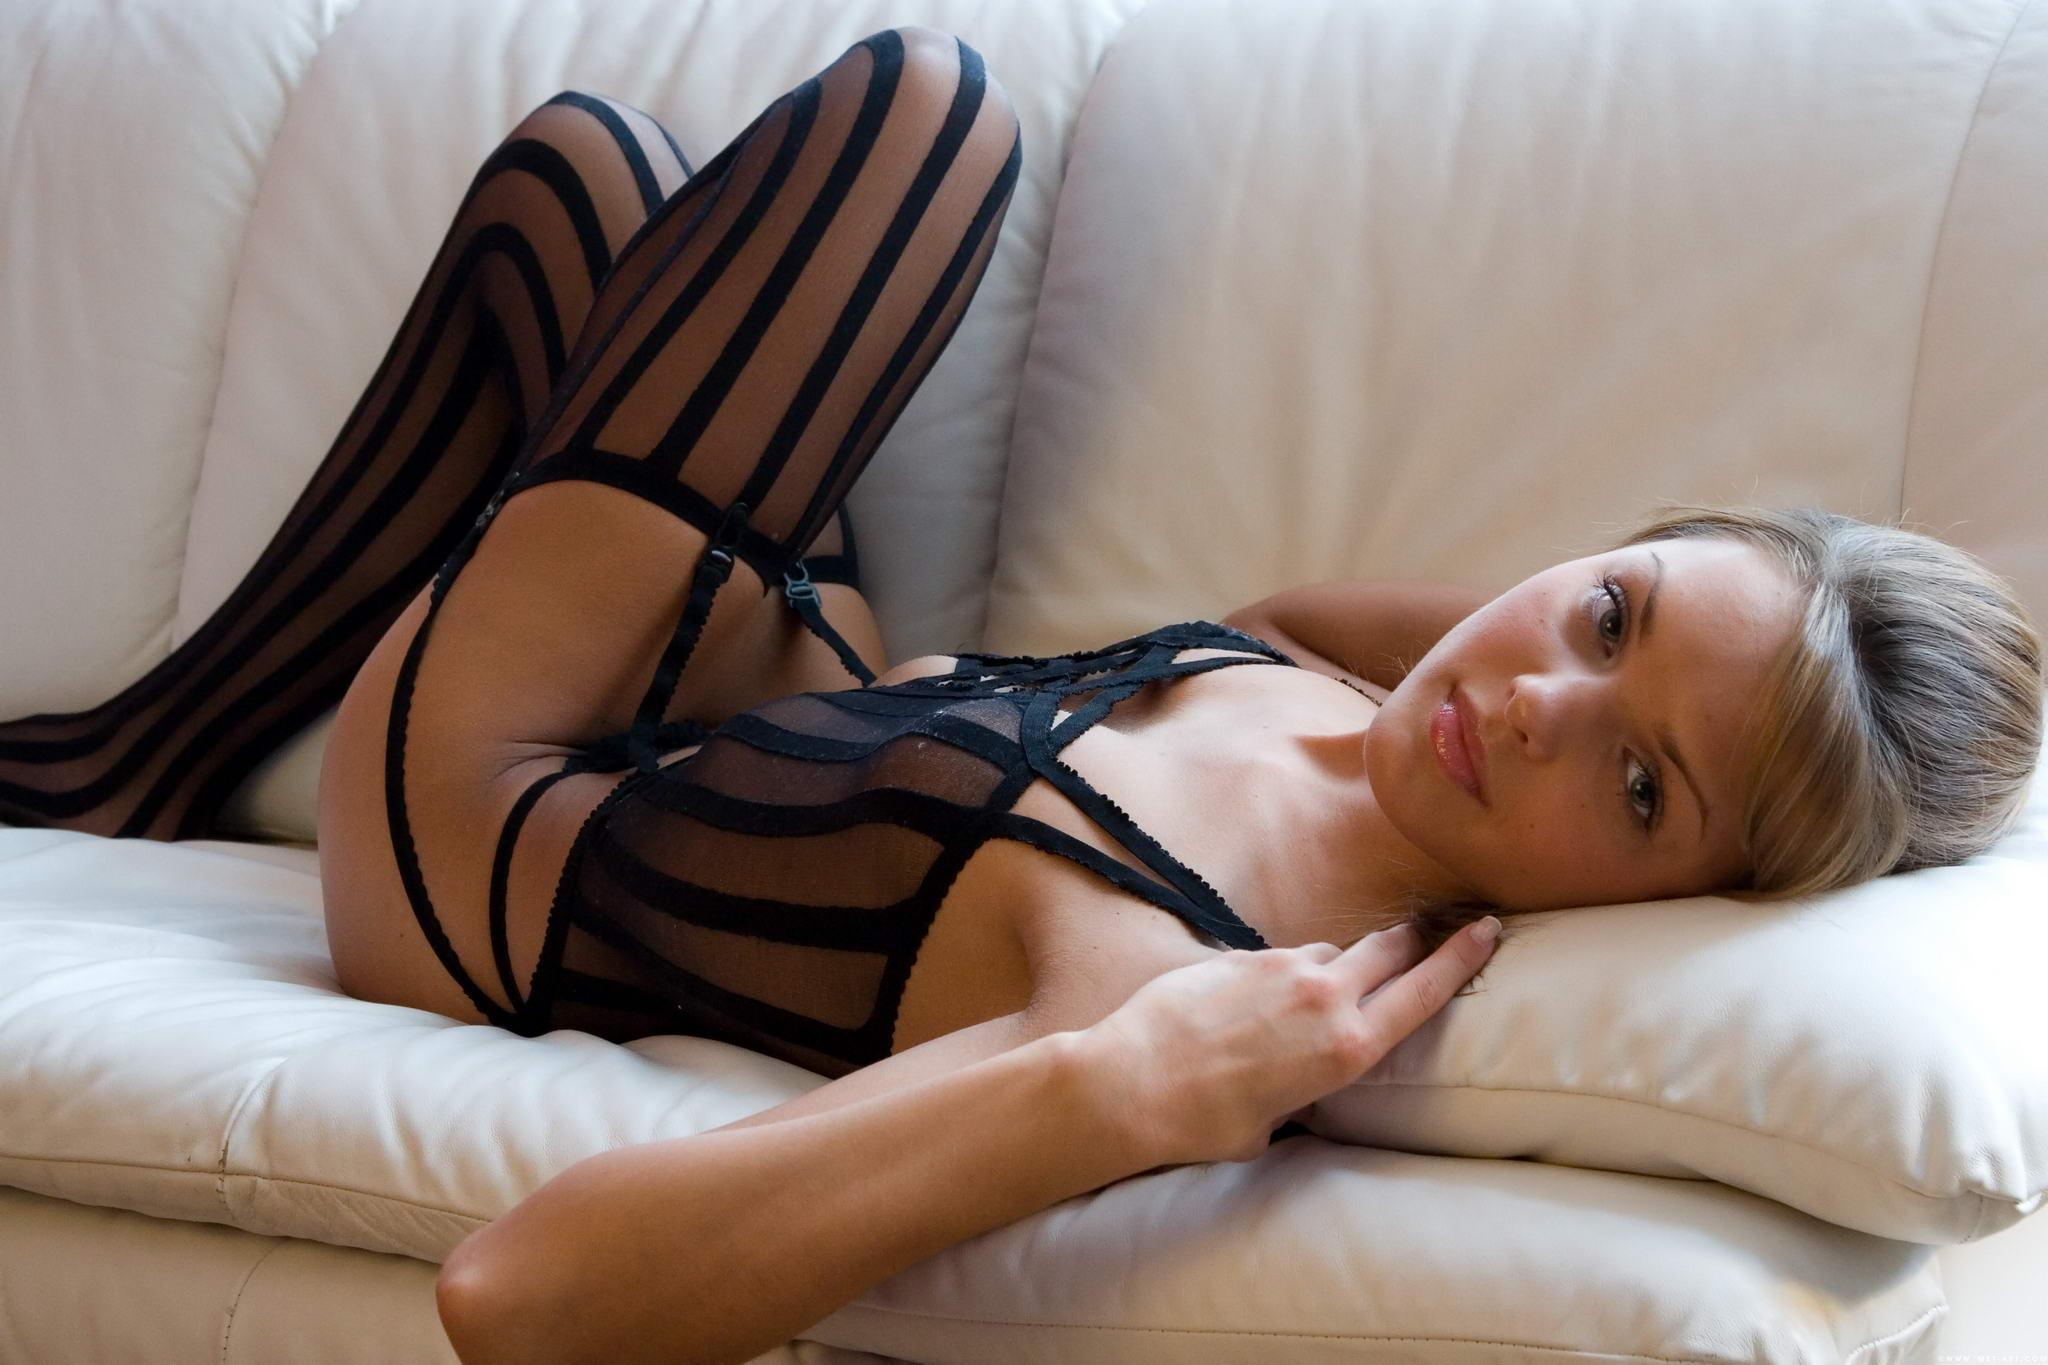 Секс девушки с обаятельным лицом 7 фотография